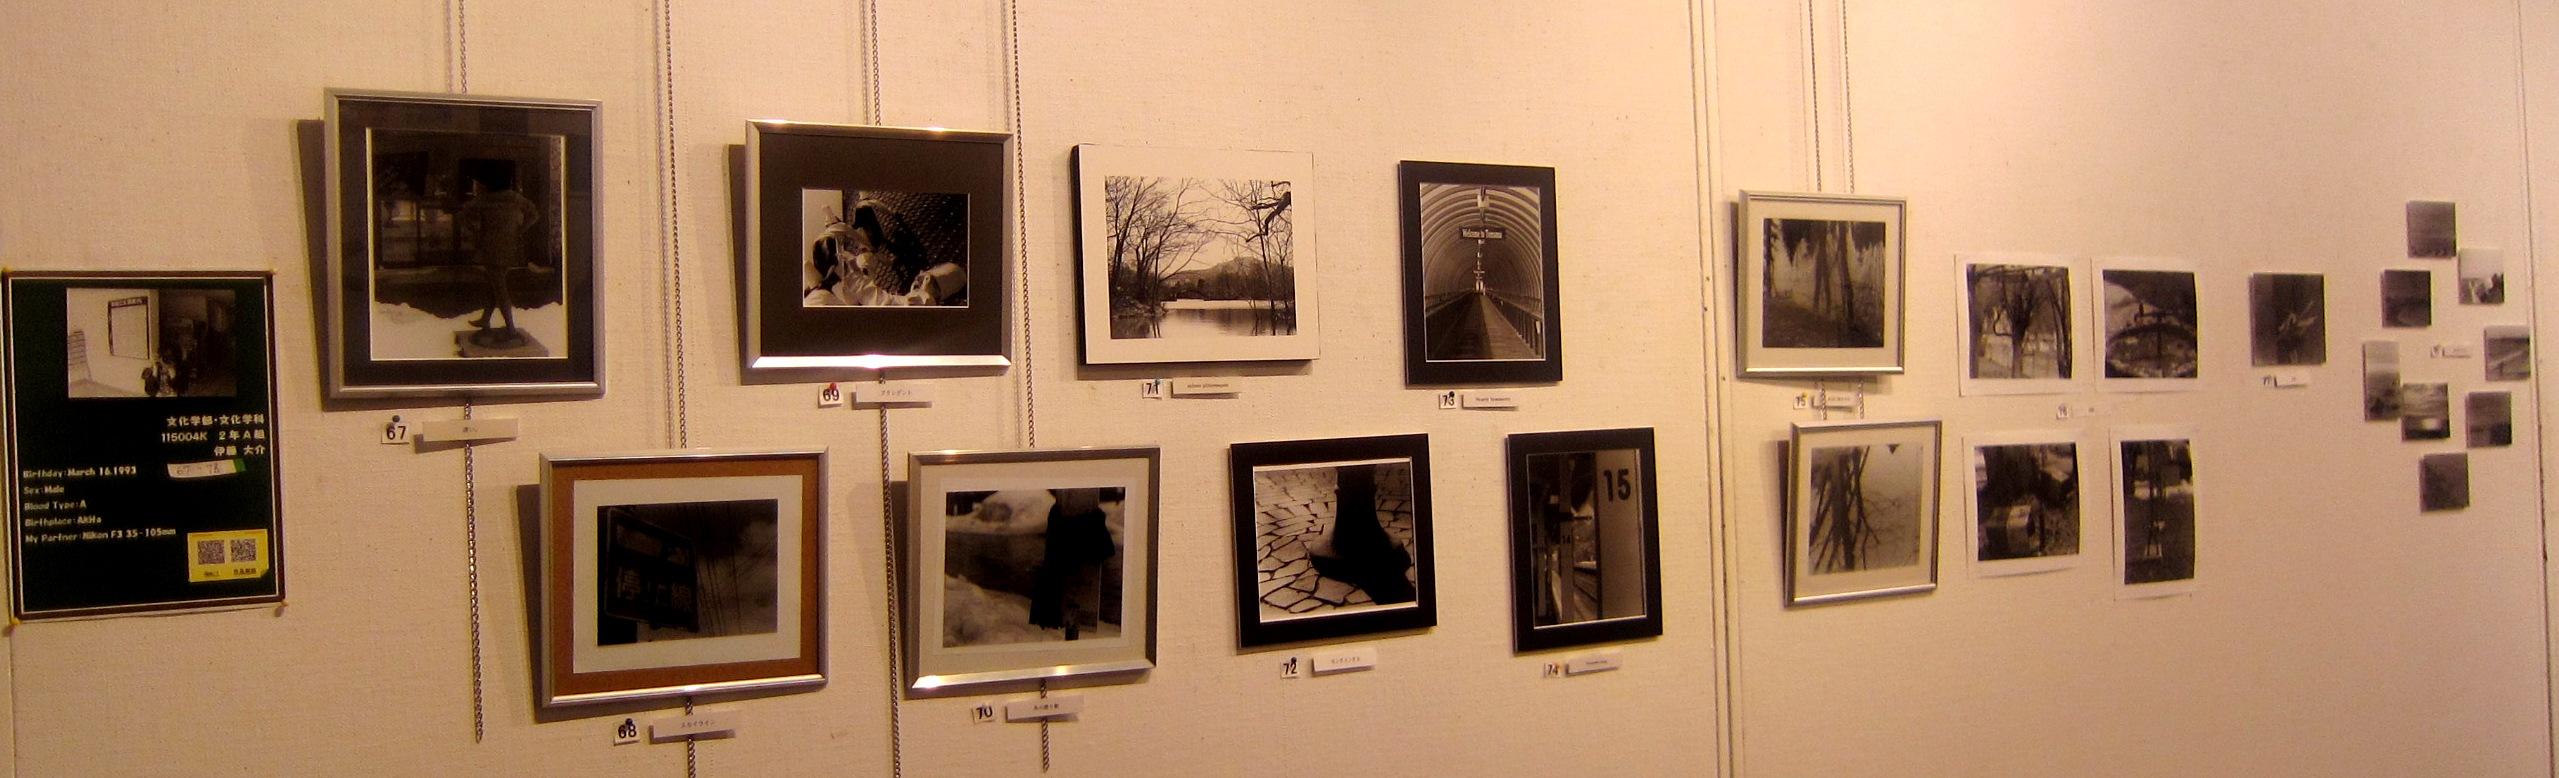 1944)②「札幌大学写真部 卒業写真展 & 学外写真展」 市民g. 終了2月20日(水)~2月24日(日) _f0126829_1151324.jpg